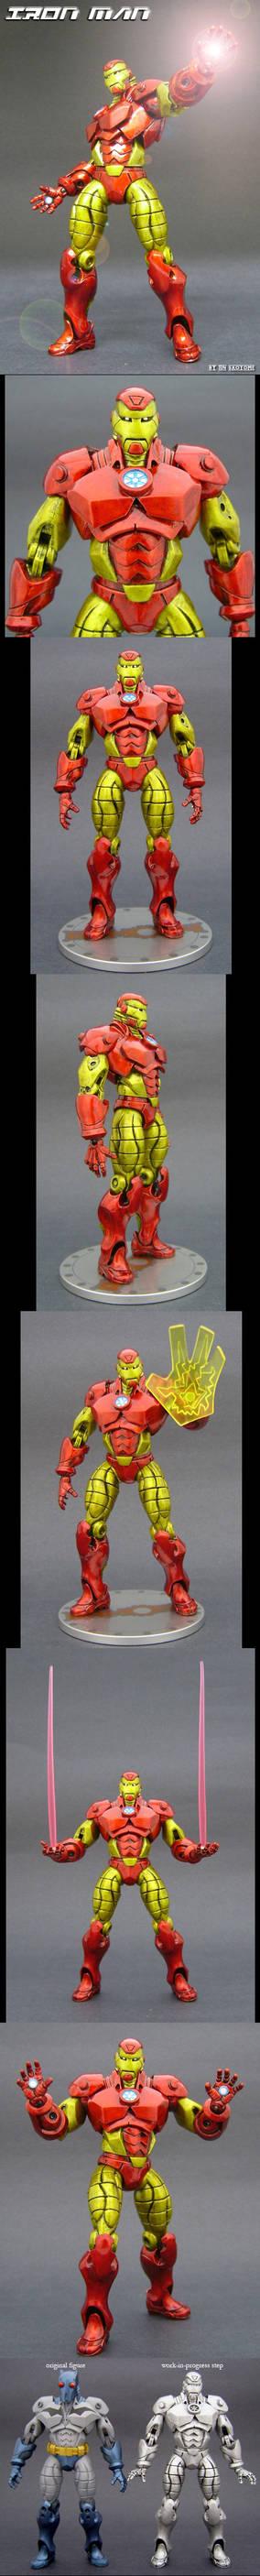 Invincible Iron Man Strip